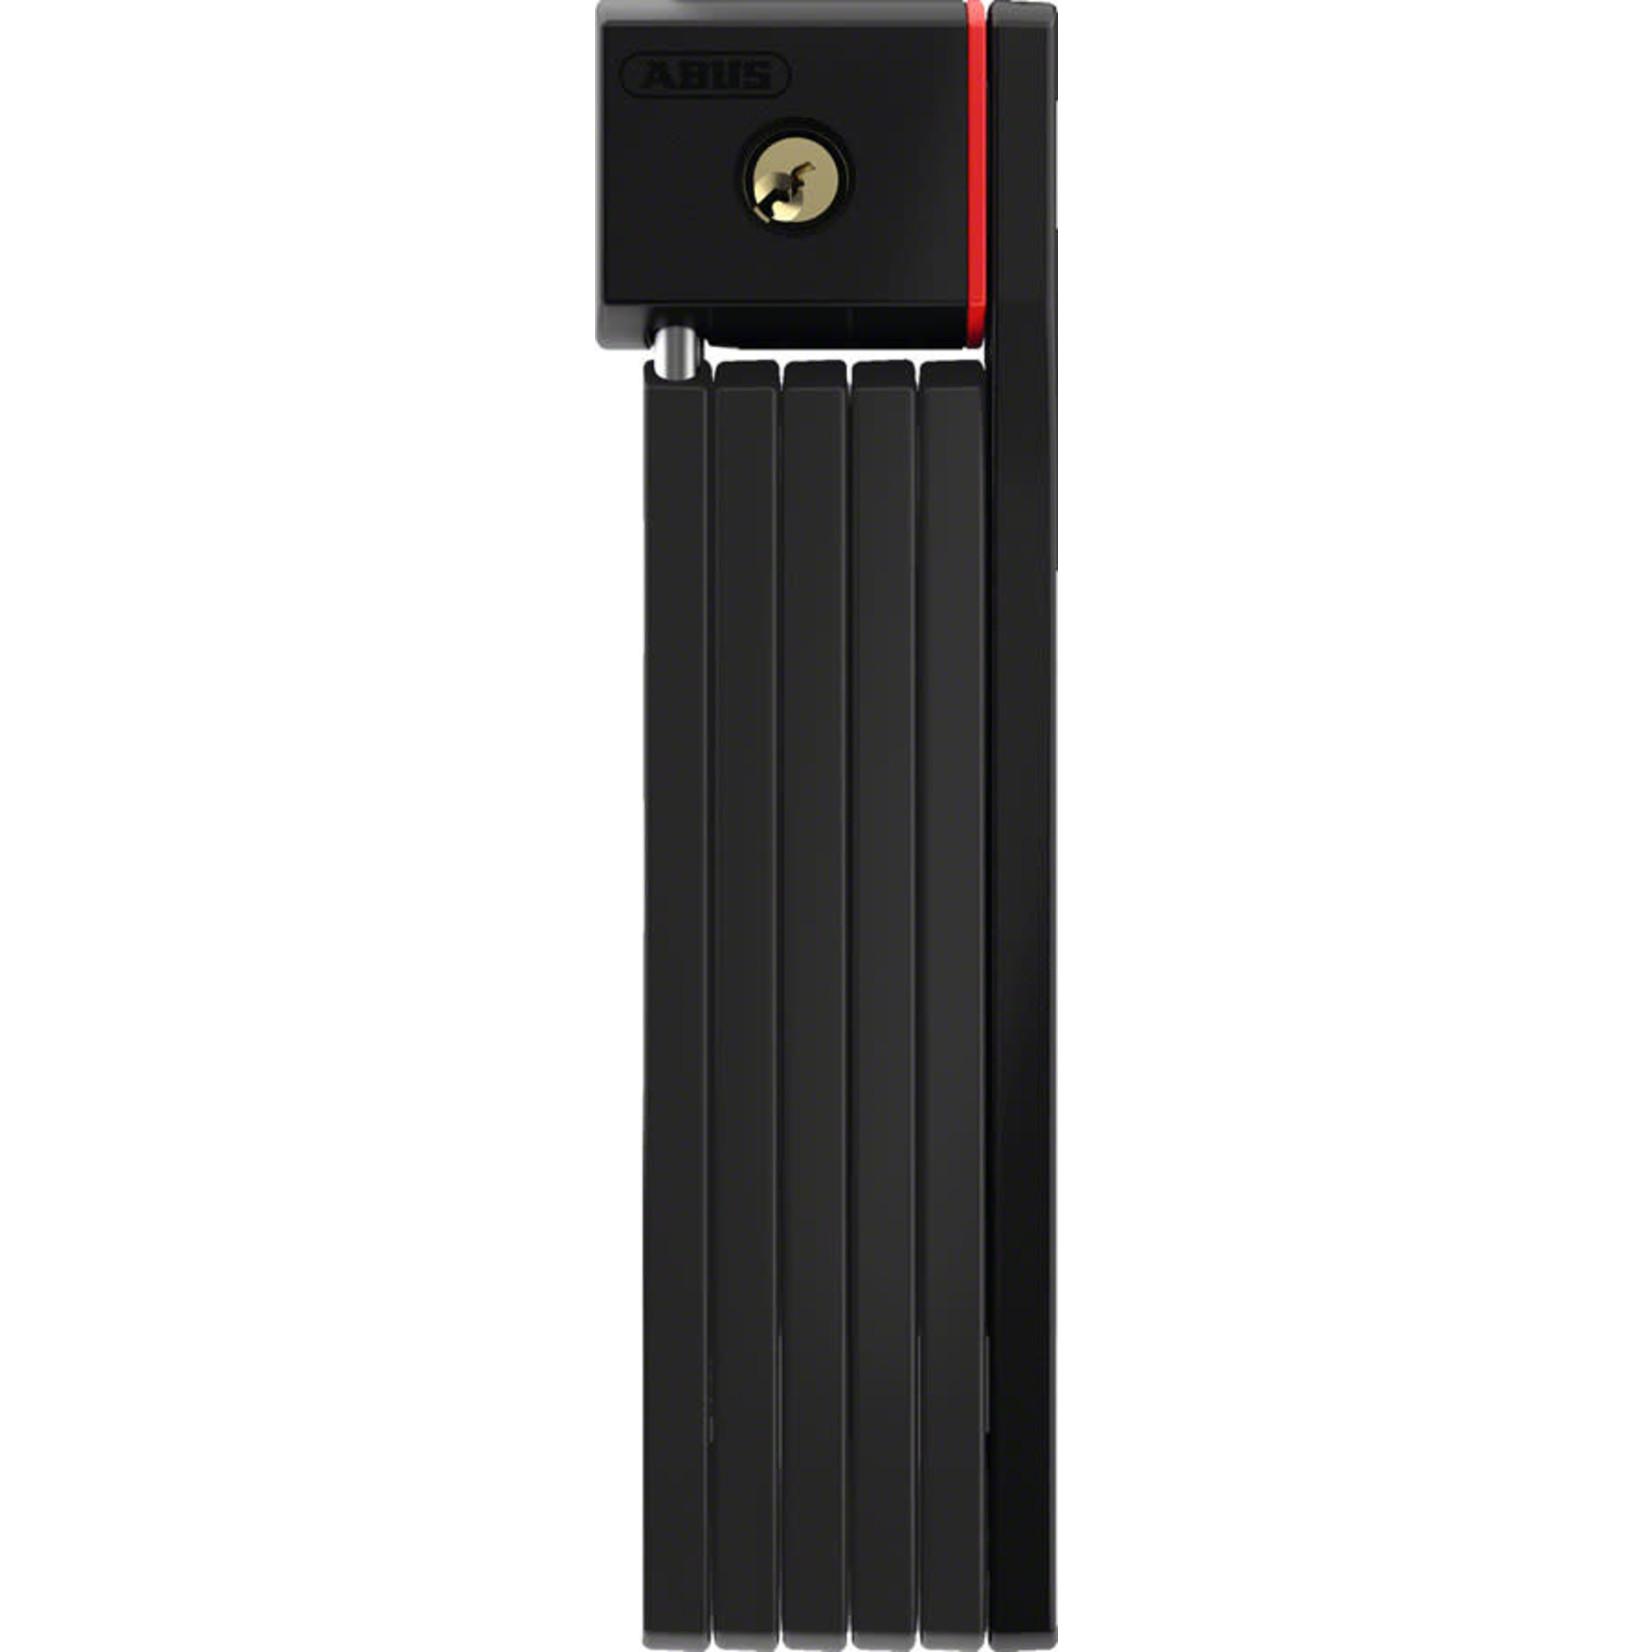 ABUS ABUS Keyed Folding Lock uGrip Bordo 5700 (80cm/2.6ft), Black